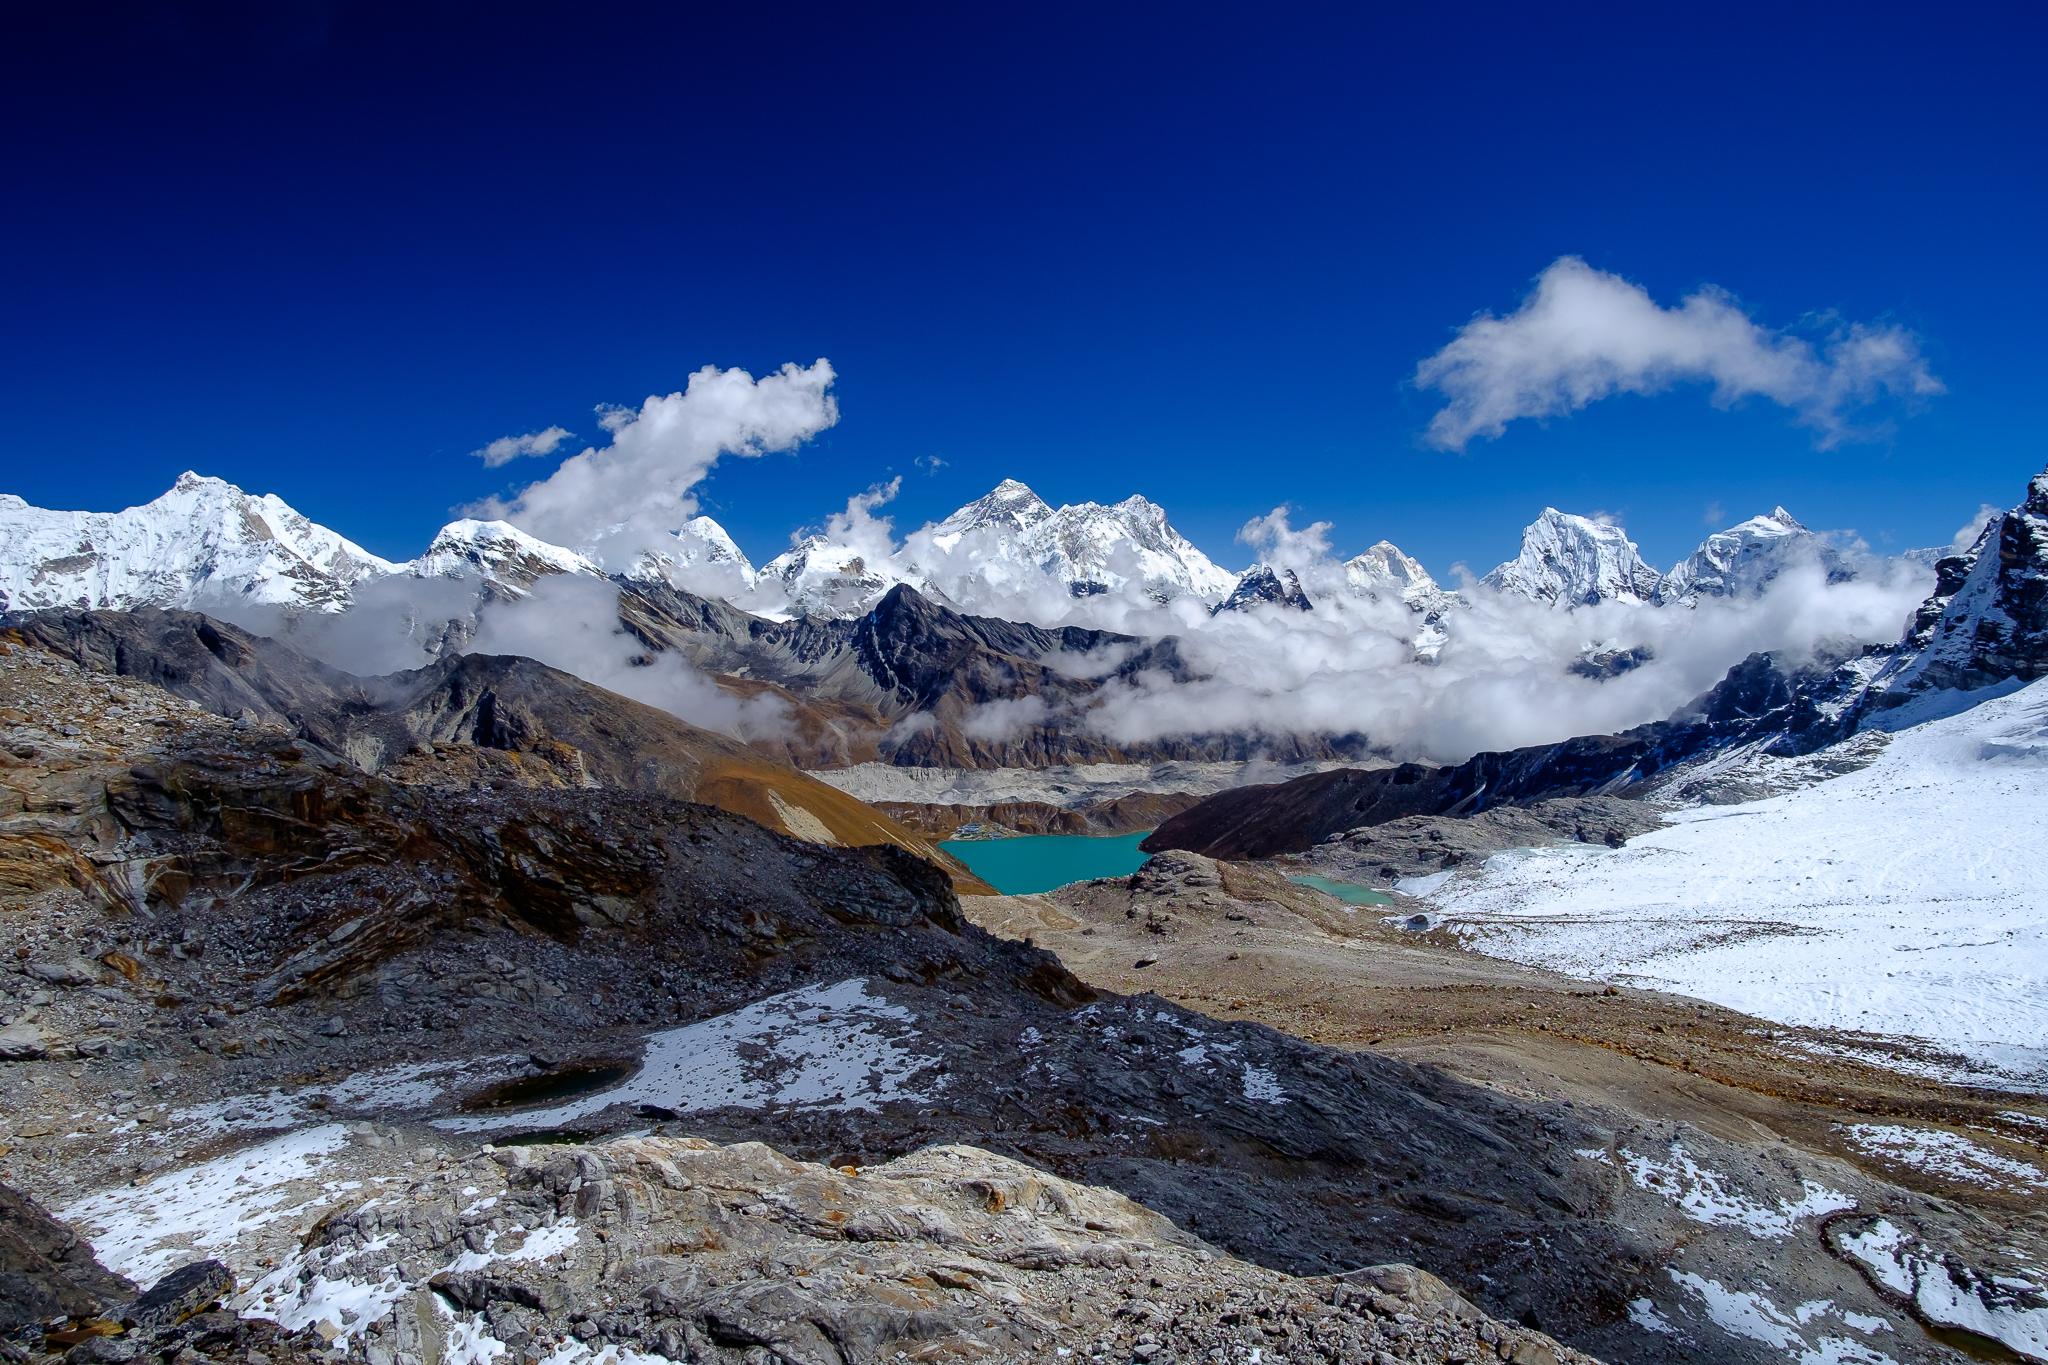 The whole enchilada: Cho Oyu (8,201m), Pumori (7,145m), Nuptse (7,879m), Mt. Everest (8,848m), Lhotse (8,511m), Makalu (8,463m), Ama Dablam (6,942m)